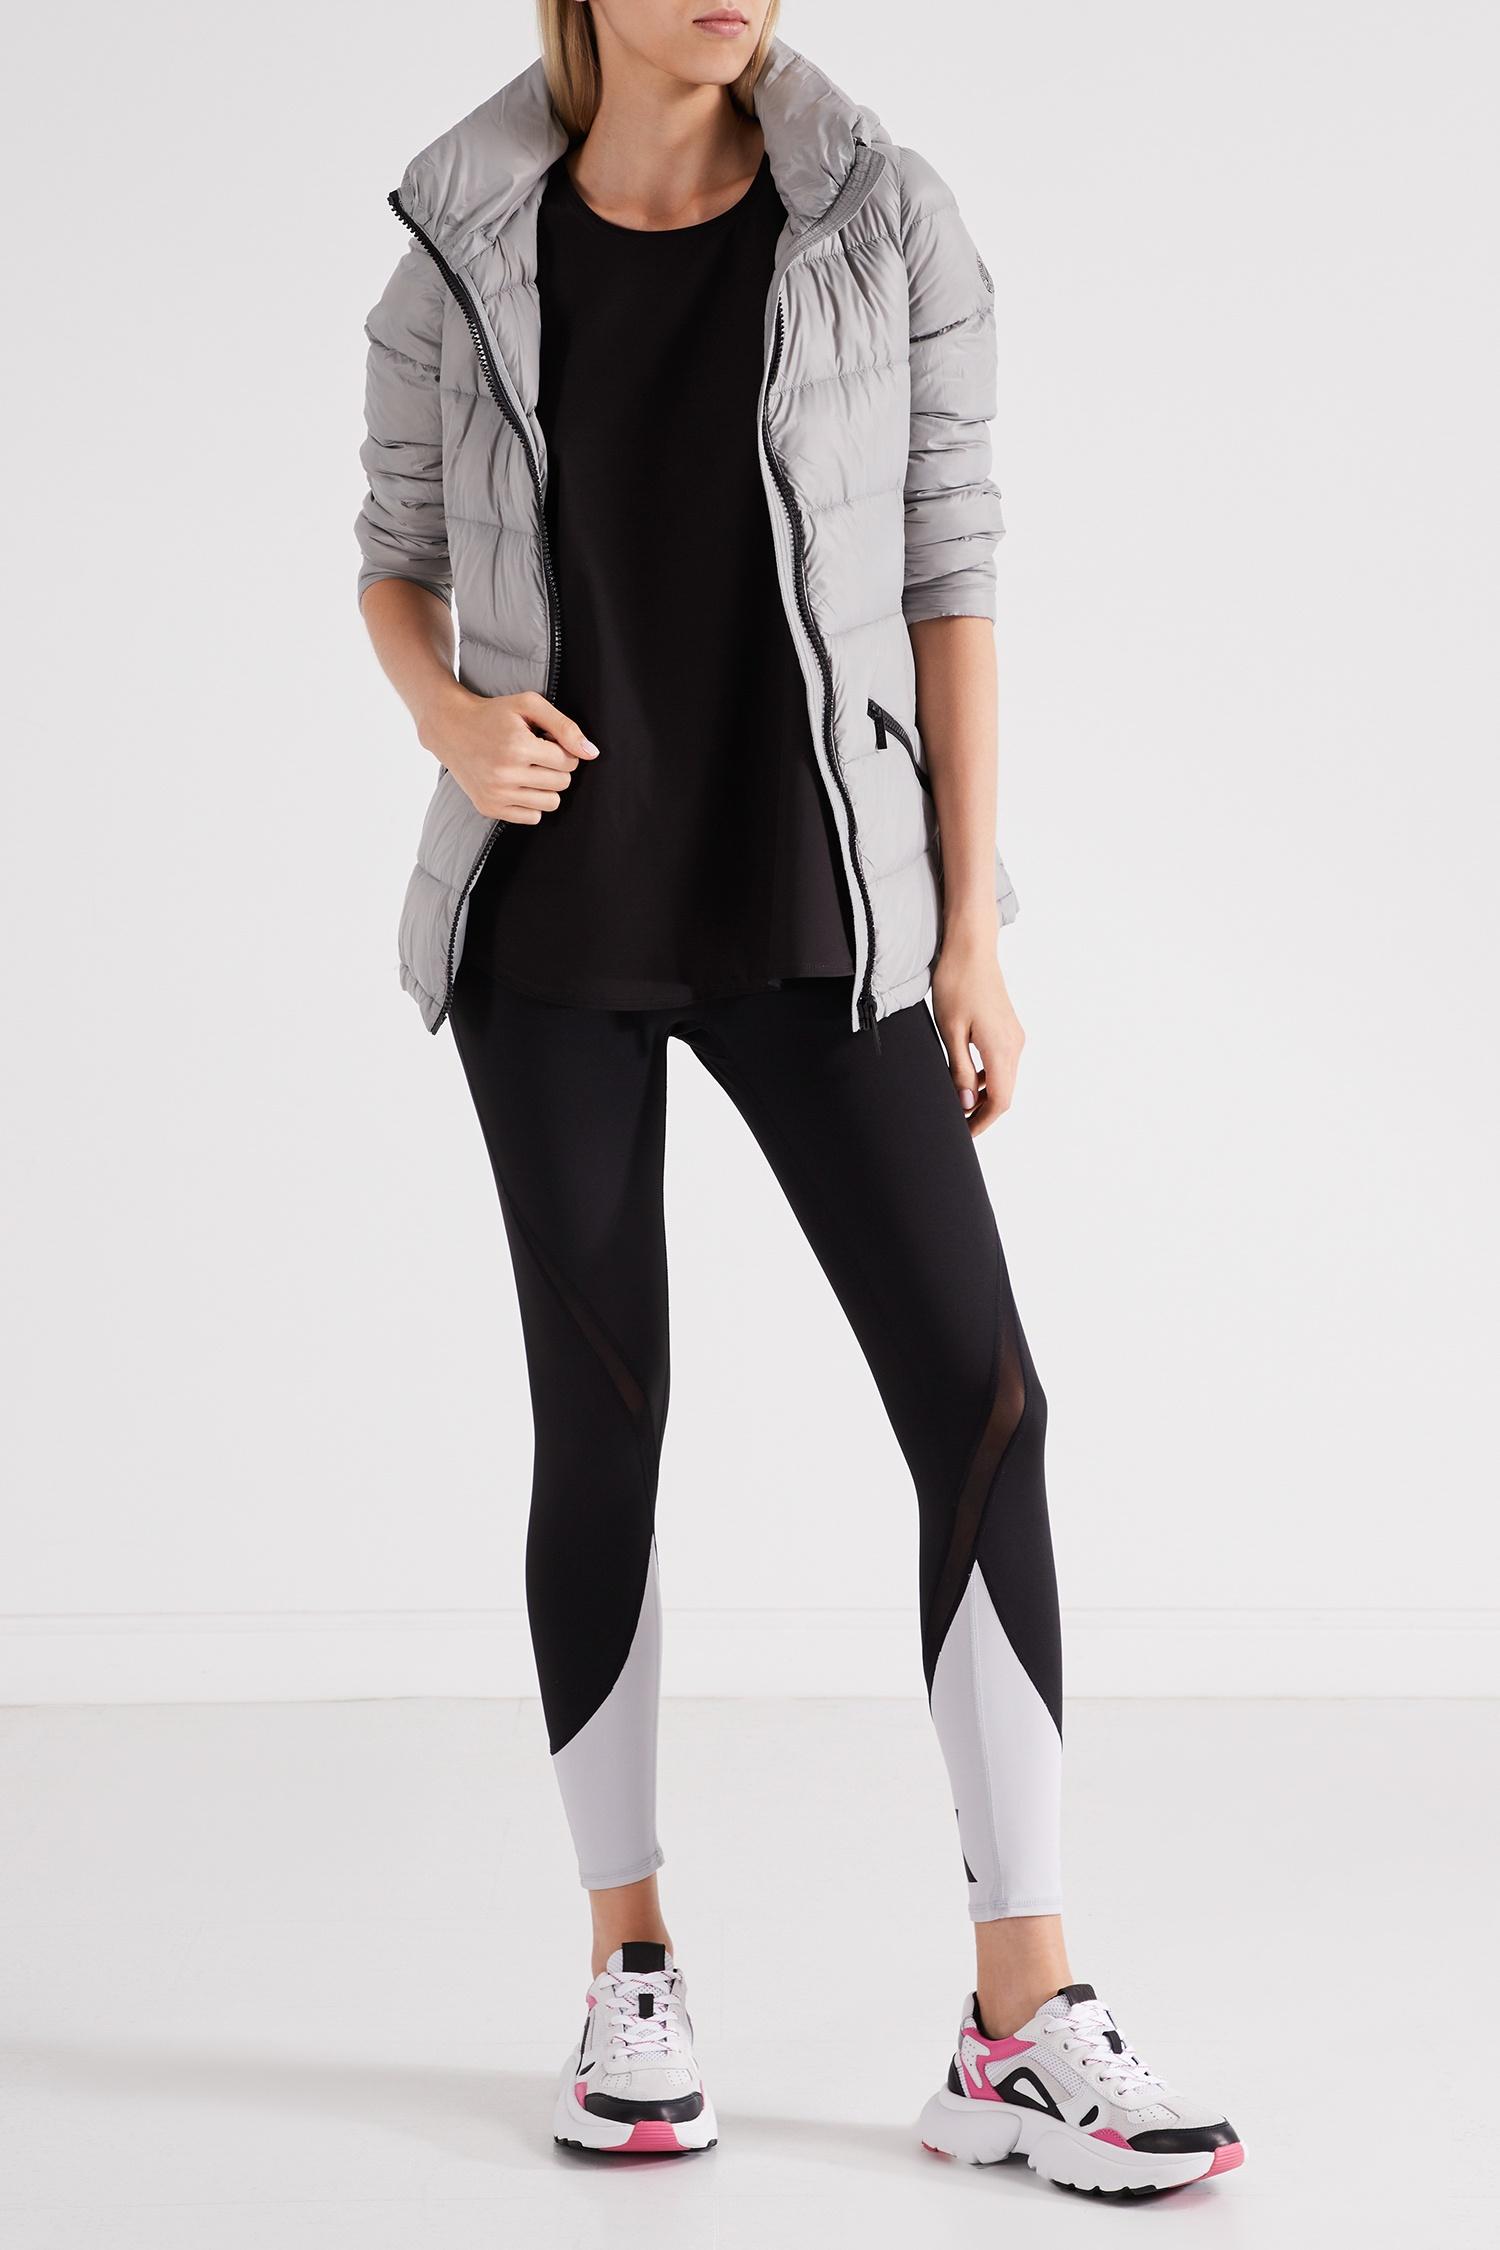 Выбираем верхнюю одежду на осень с учетом особенностей фигуры (86040-aizel-01.jpg)